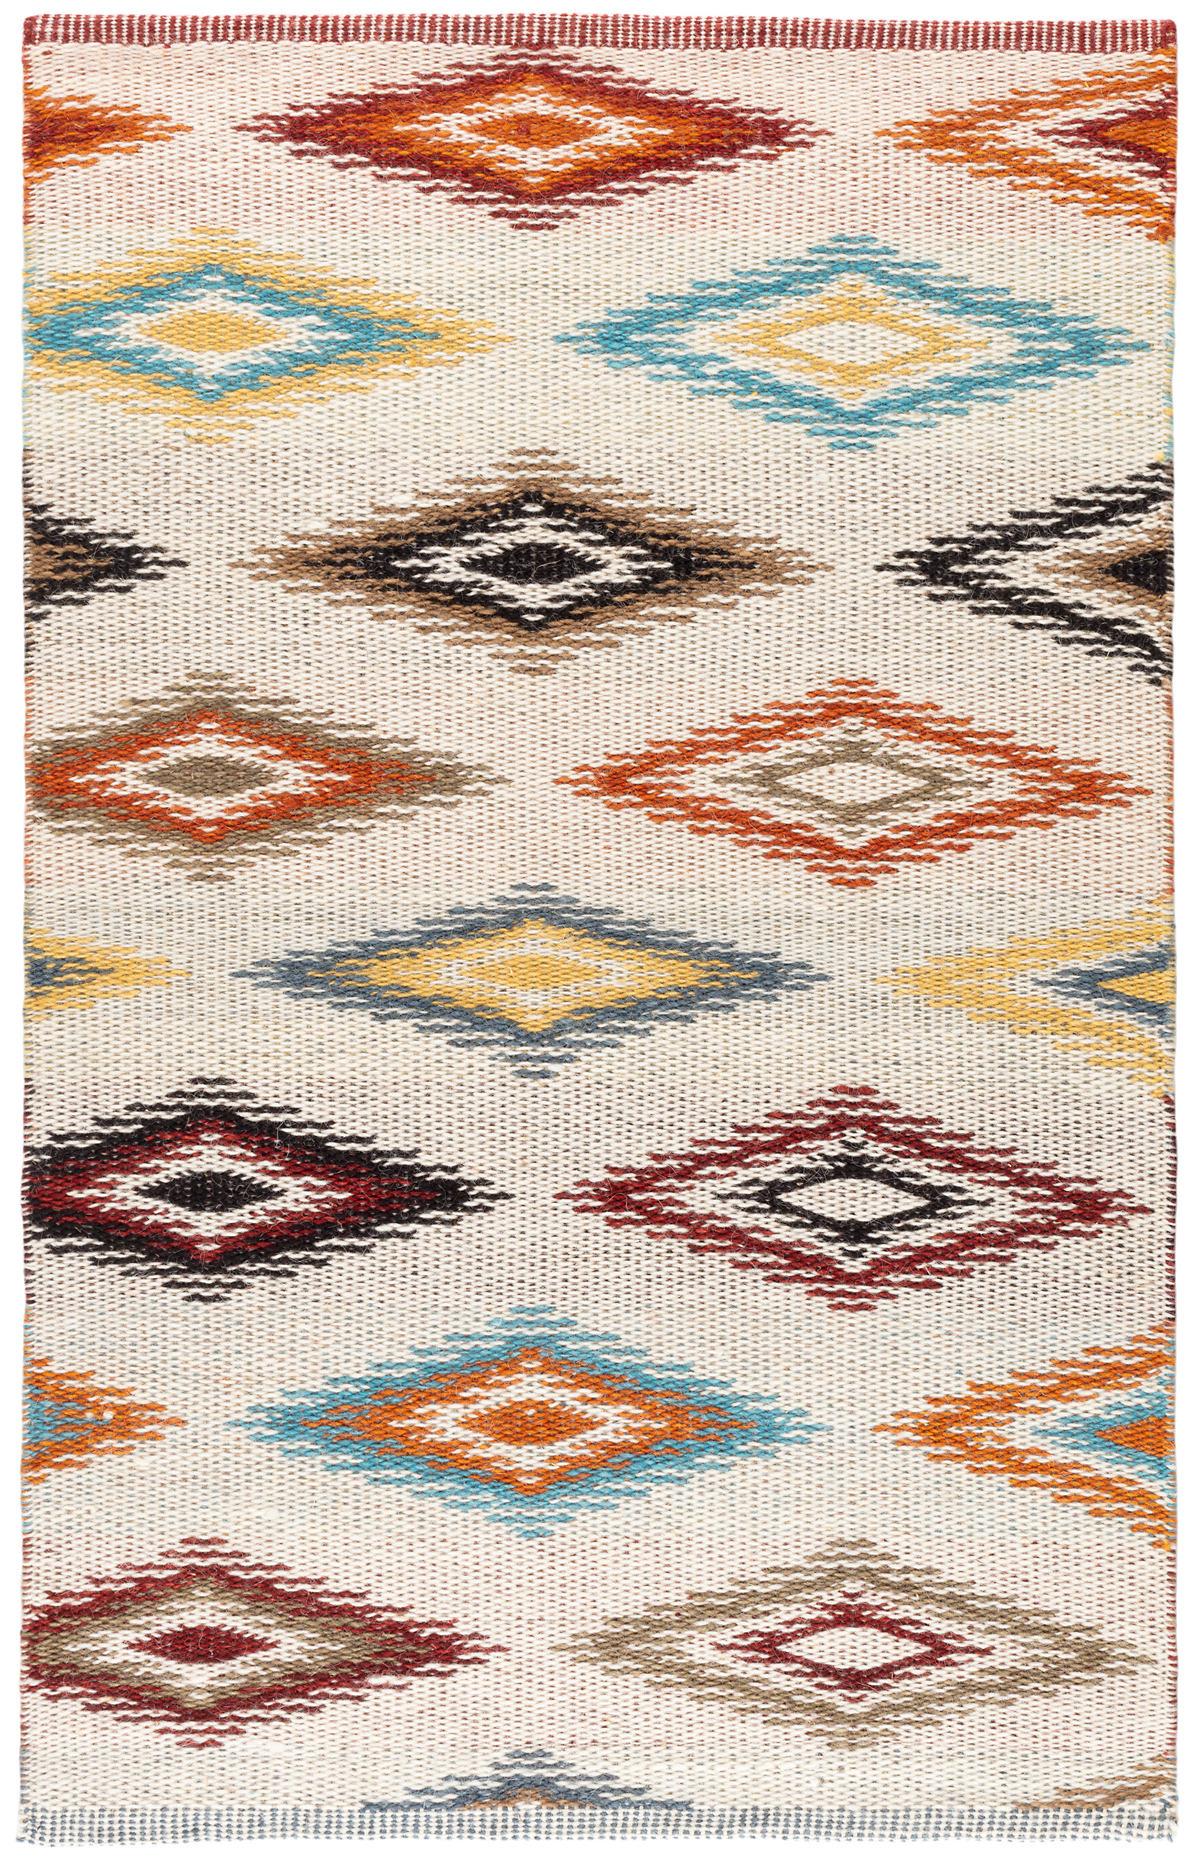 Carousel Woven Wool Rug